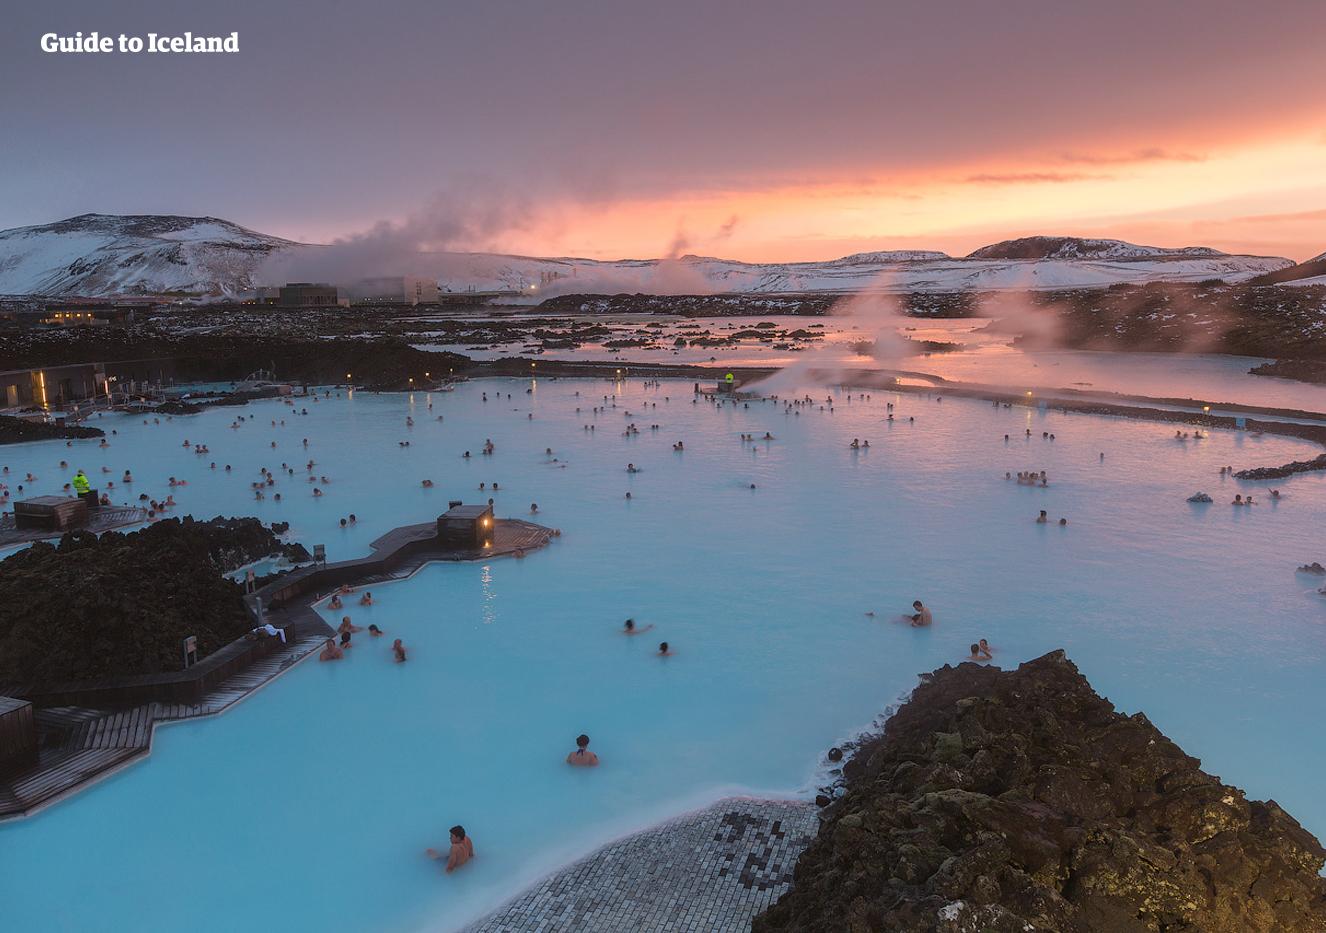 Beginne dein Abenteuer in Island mit einem Besuch der Blue Lagoon, eingebettet in ein tiefschwarzes Lavafeld auf der Halbinsel Reykjanes.